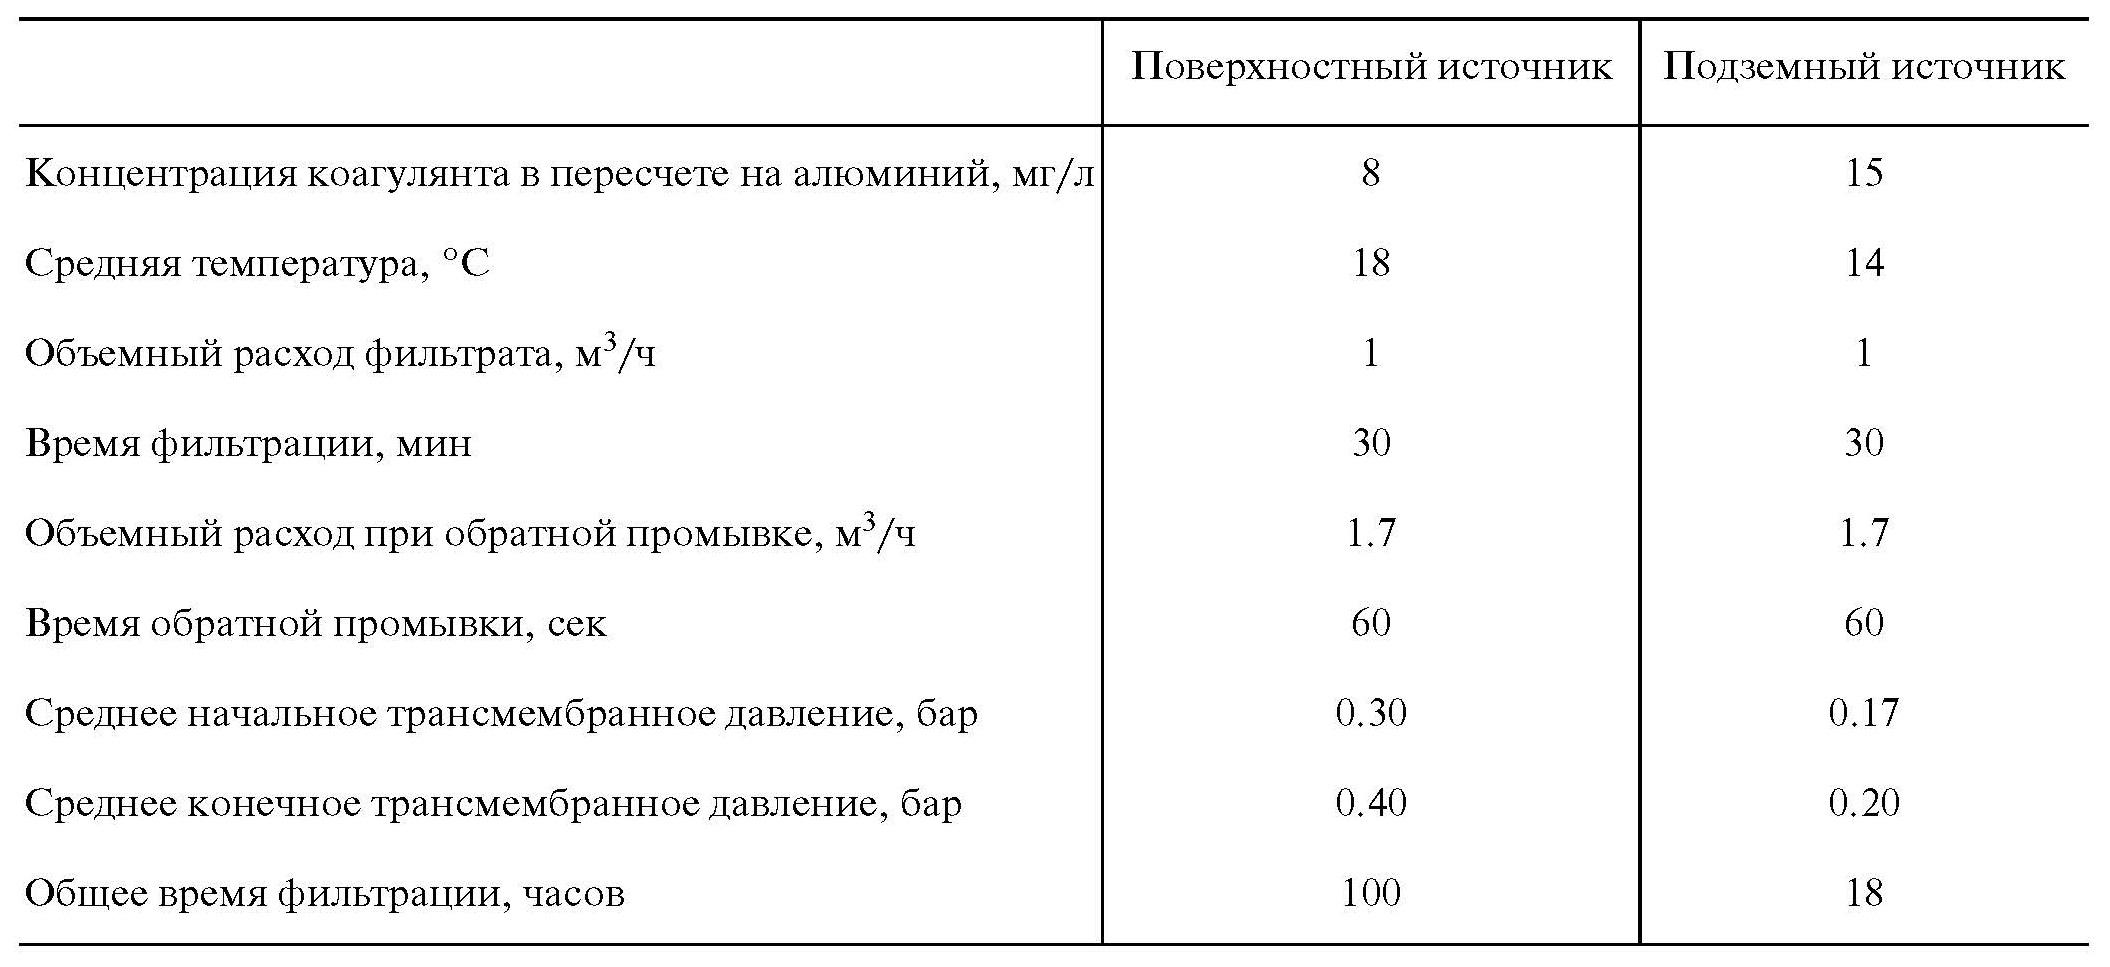 Таблица 1. Параметры ультрафильтрации природной воды